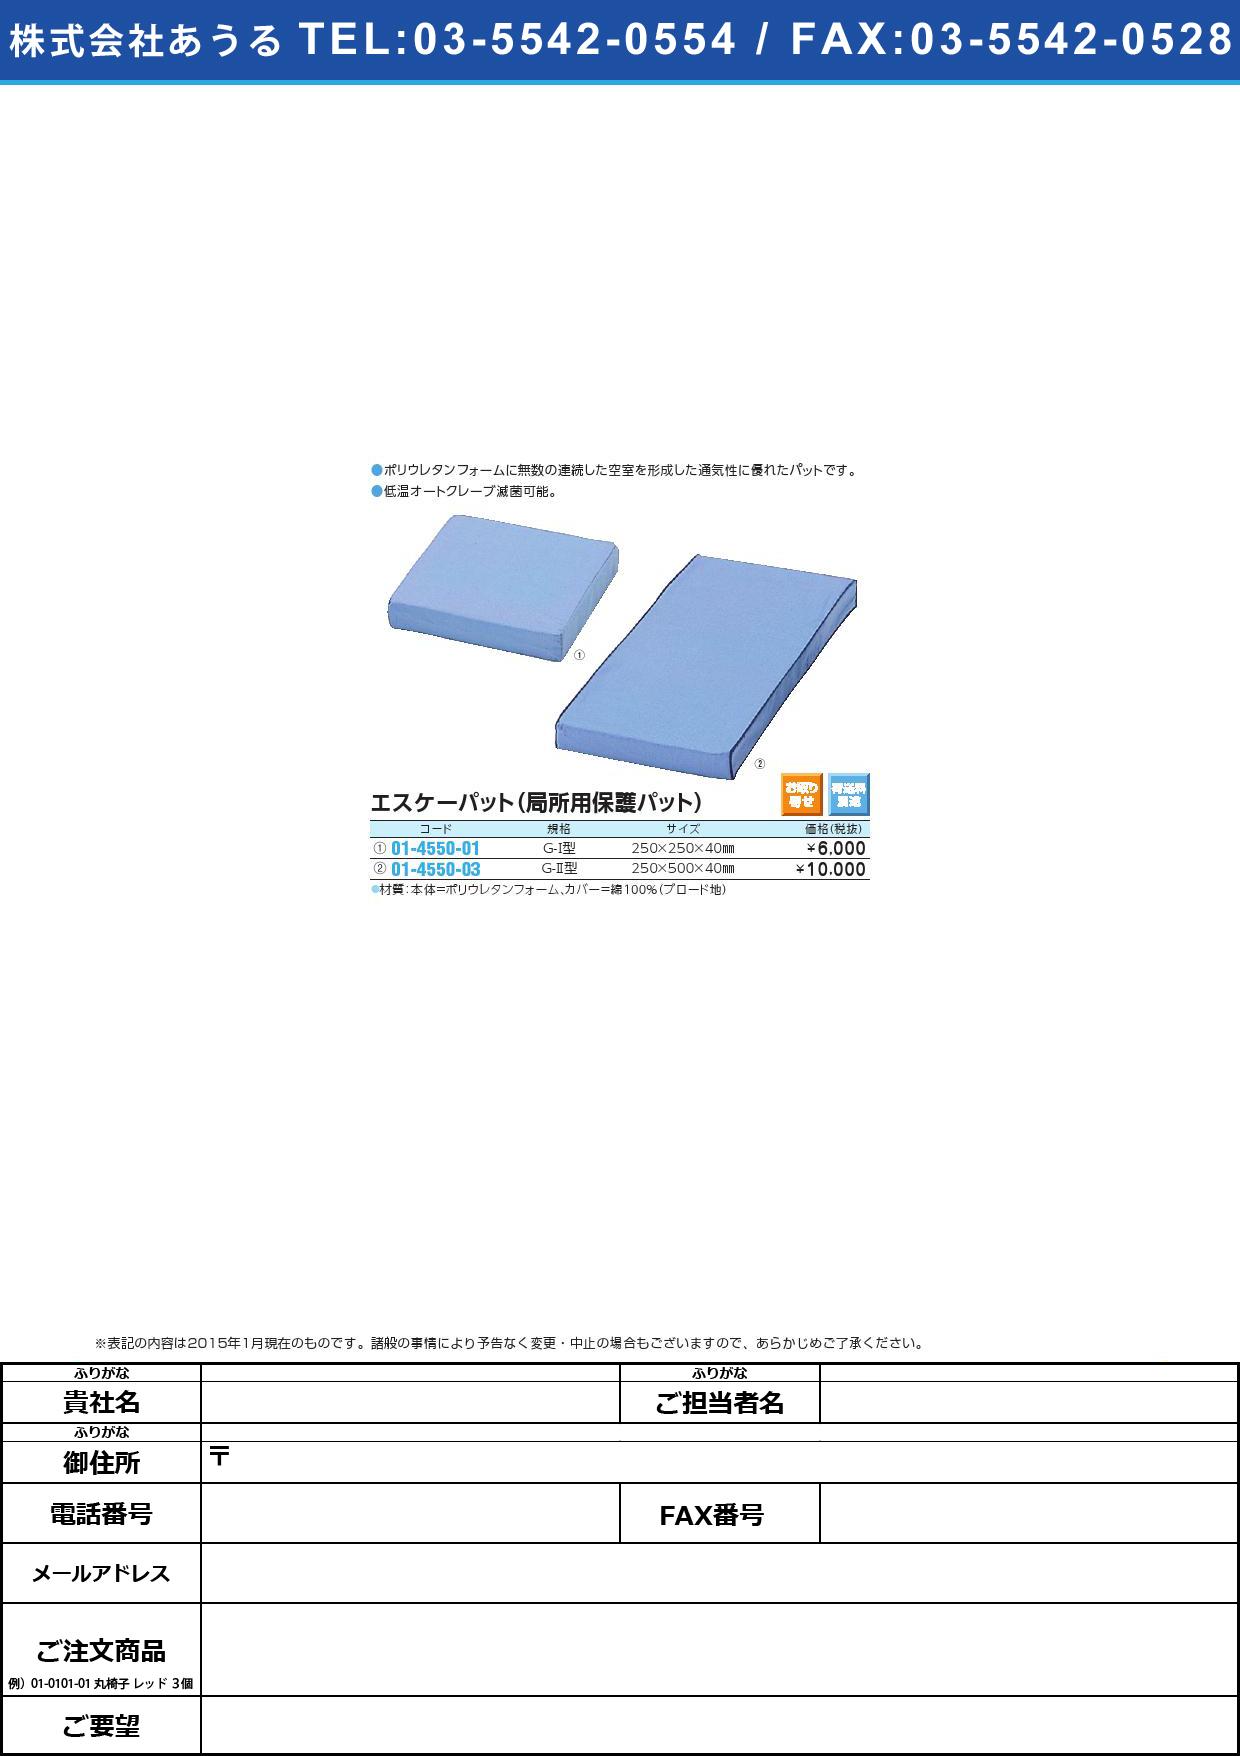 エスケーパット(局所用保護パット) エスケーパット(01-4550-03)G-2ガタ【1個単位】